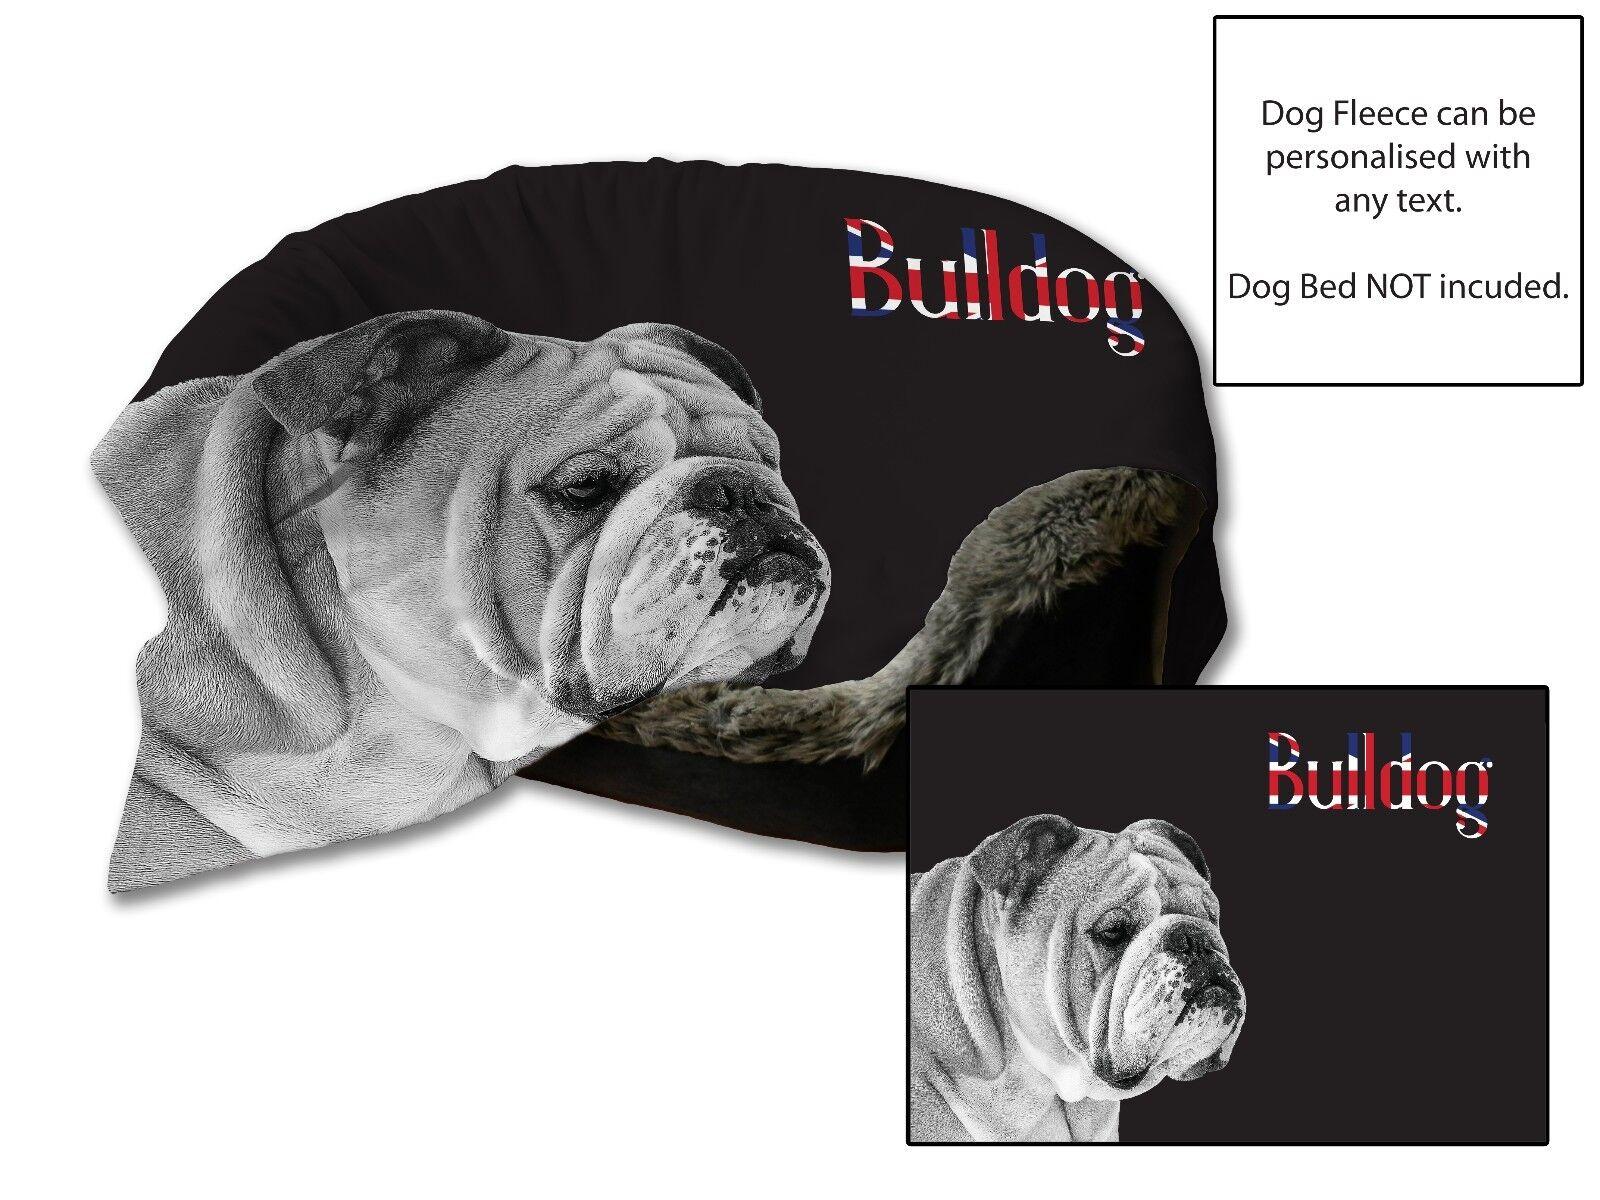 114cmx78.7cm BULLDOG letto per cane AUTO Coperta in morbido pile Copriletto